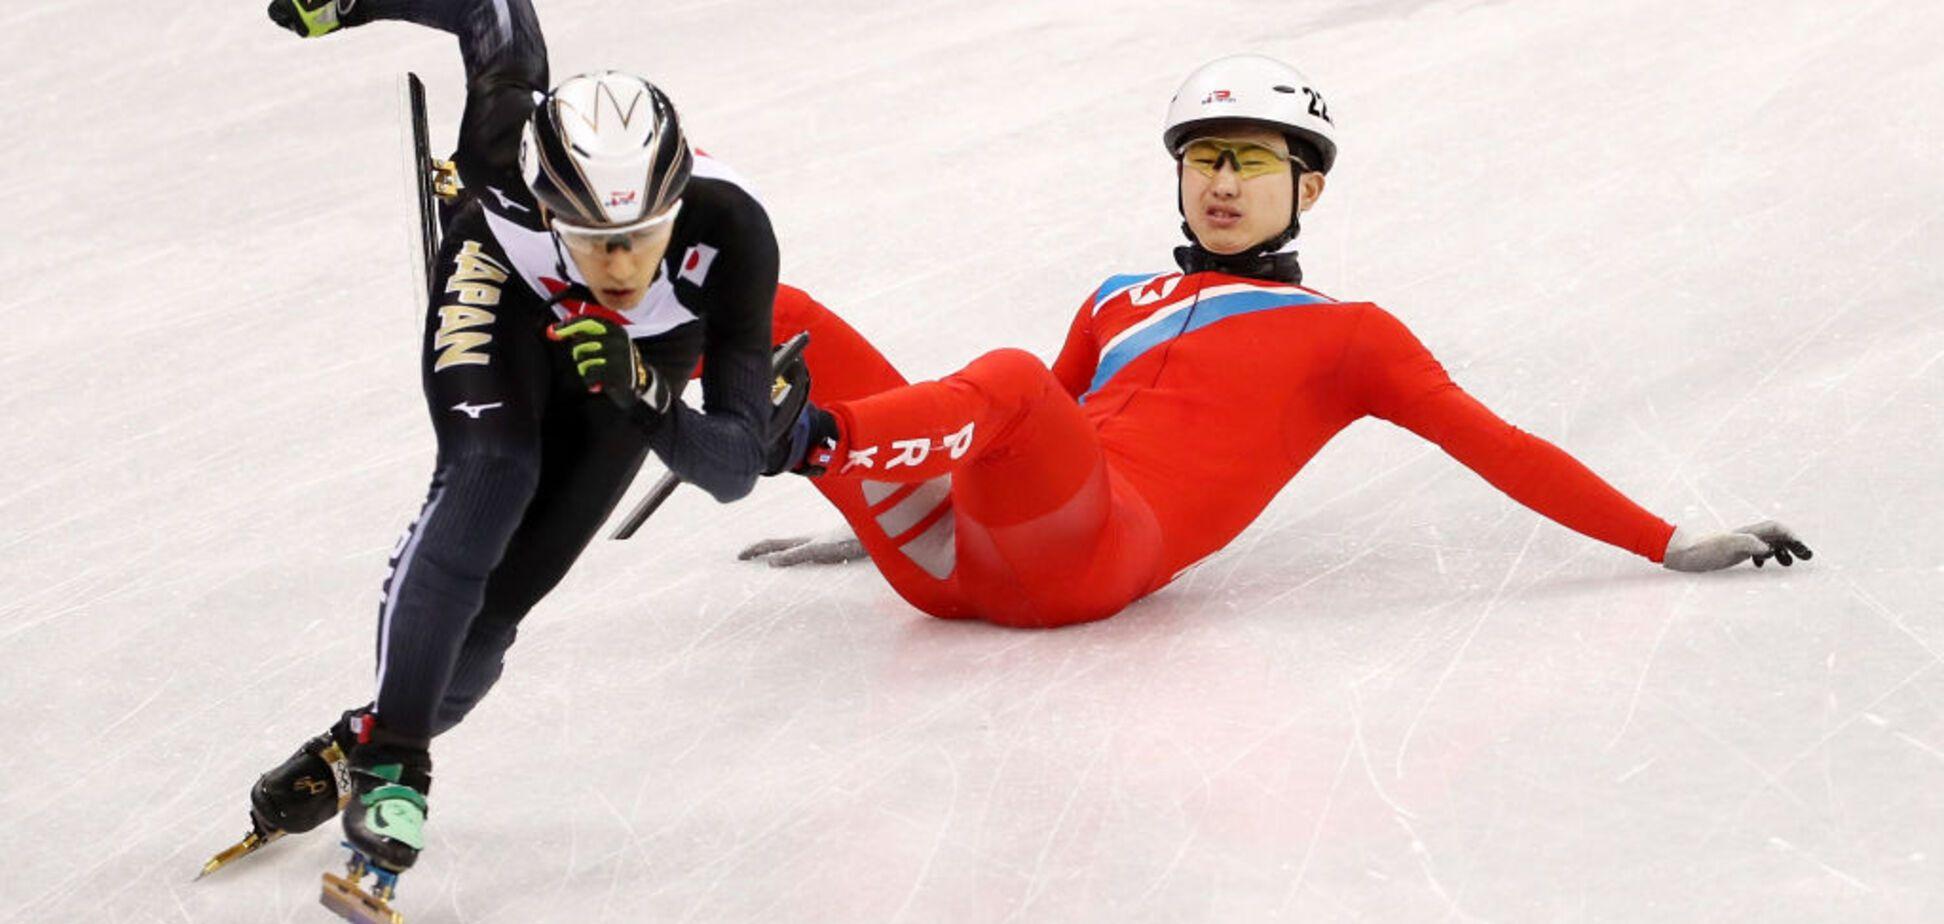 Установка Ким Чен Ына: спортсмена из КНДР уличили в свинском поступке во время забега на Олимпиаде-2018